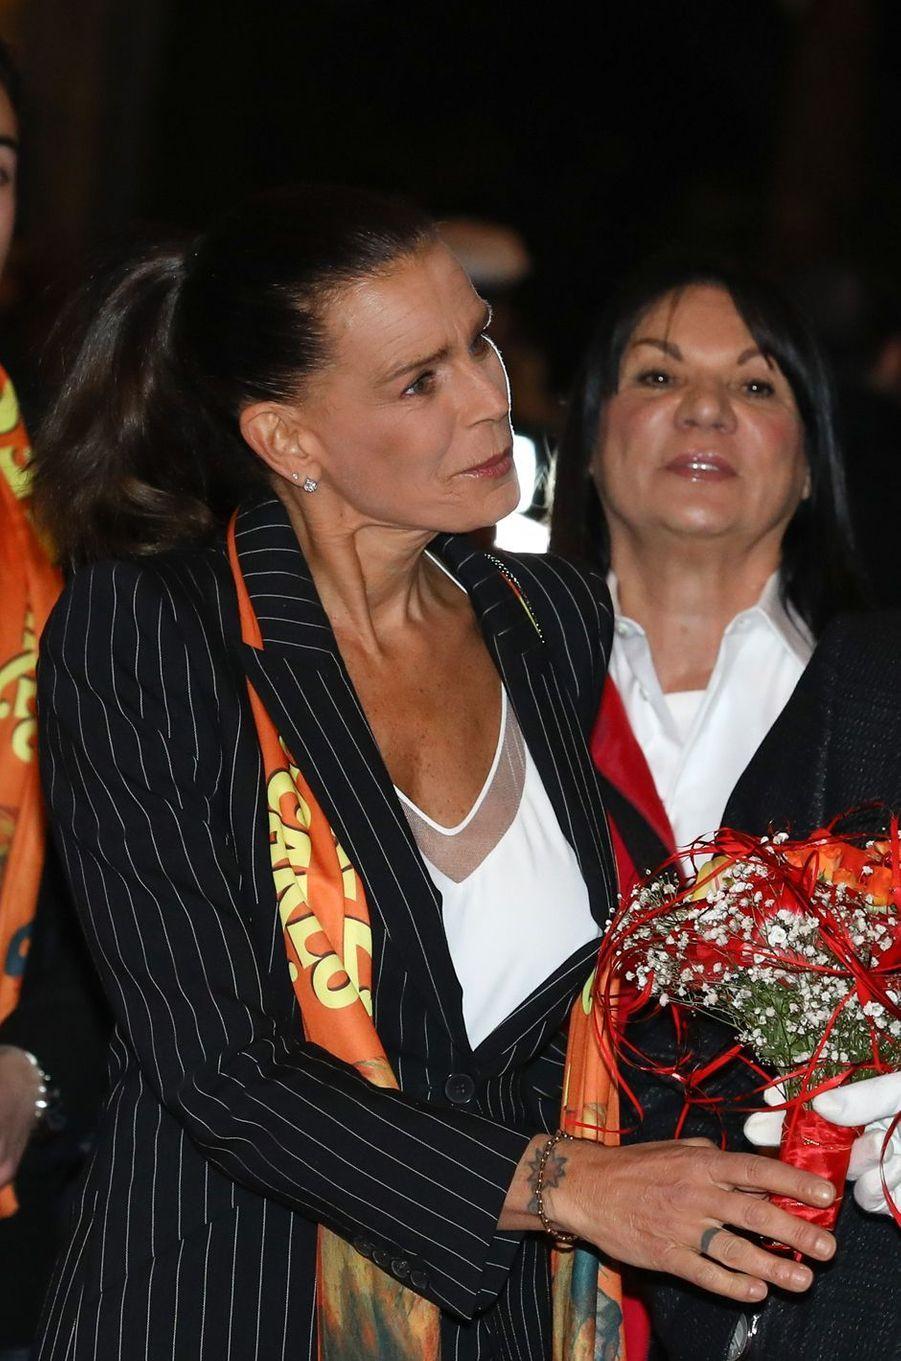 La princesse Stéphanie de Monaco à Monaco, le 18 janvier 2019